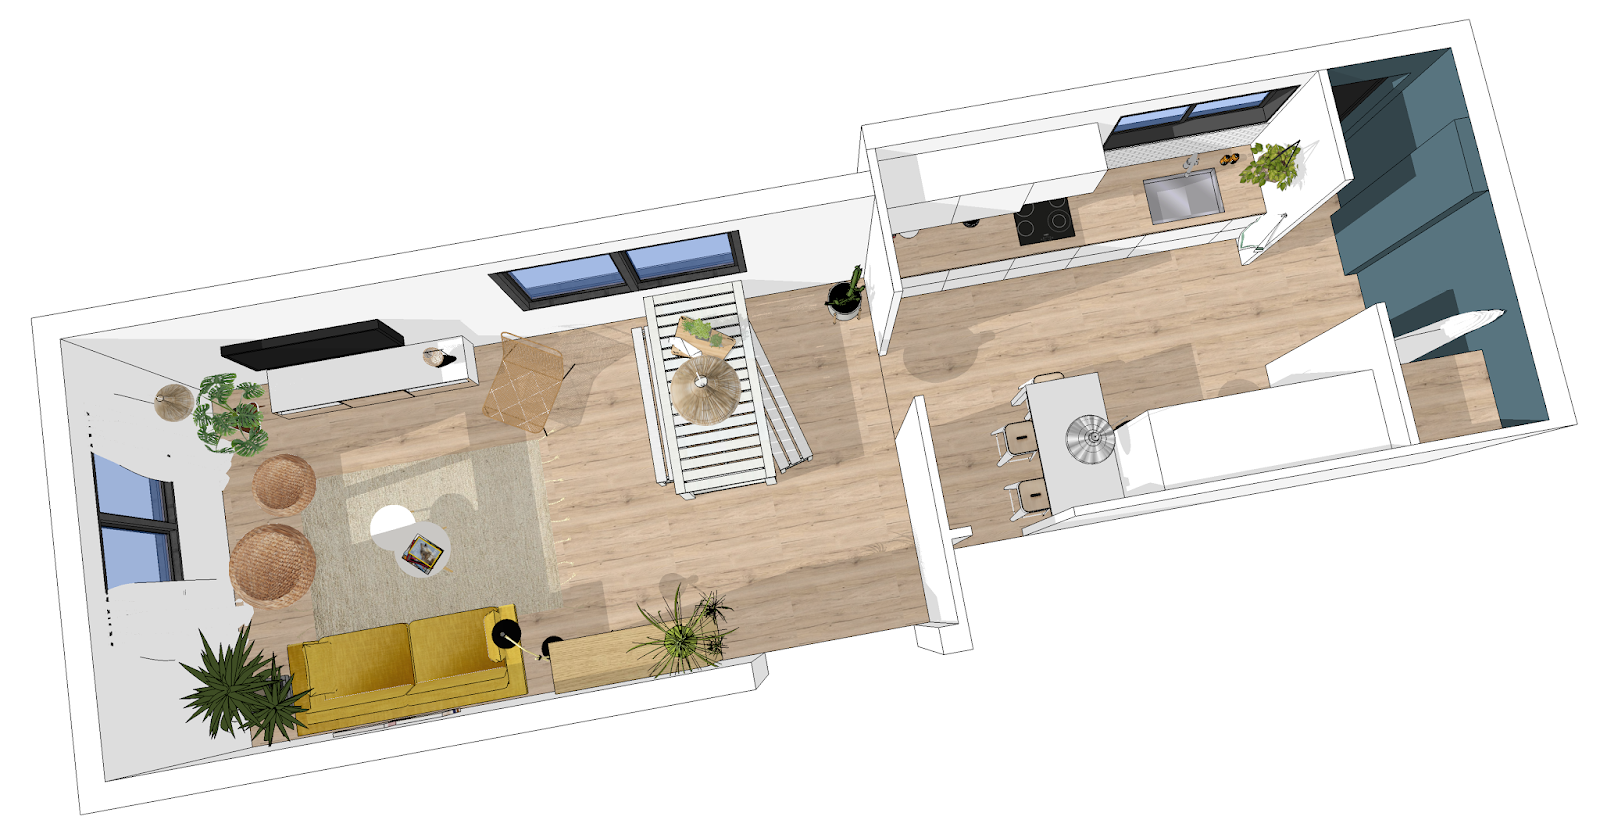 décoration d'intérieur - aix en provence - ilaria fatone- maison paulette - pièce de vie 3D